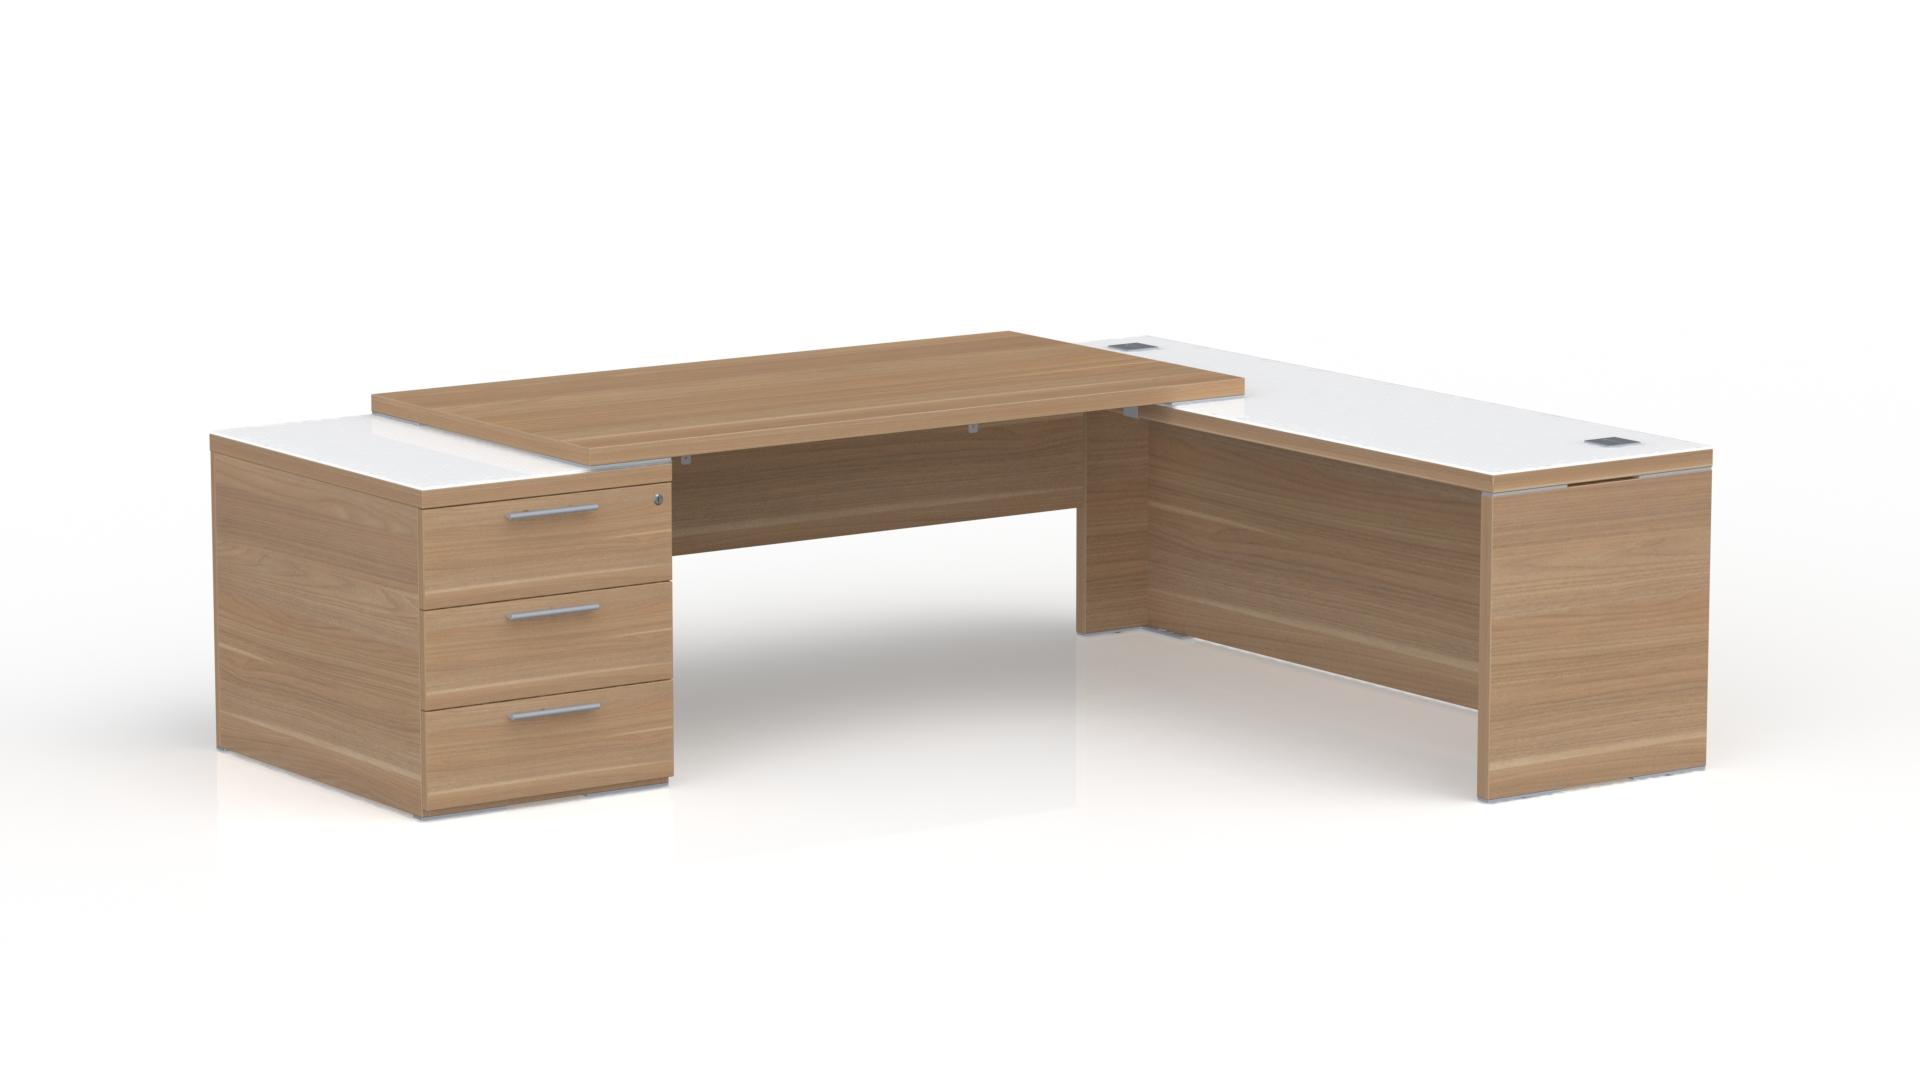 bureau direction kara l 250 x p 200 cm maxoffice32 mobilier de bureau am nagement salle. Black Bedroom Furniture Sets. Home Design Ideas